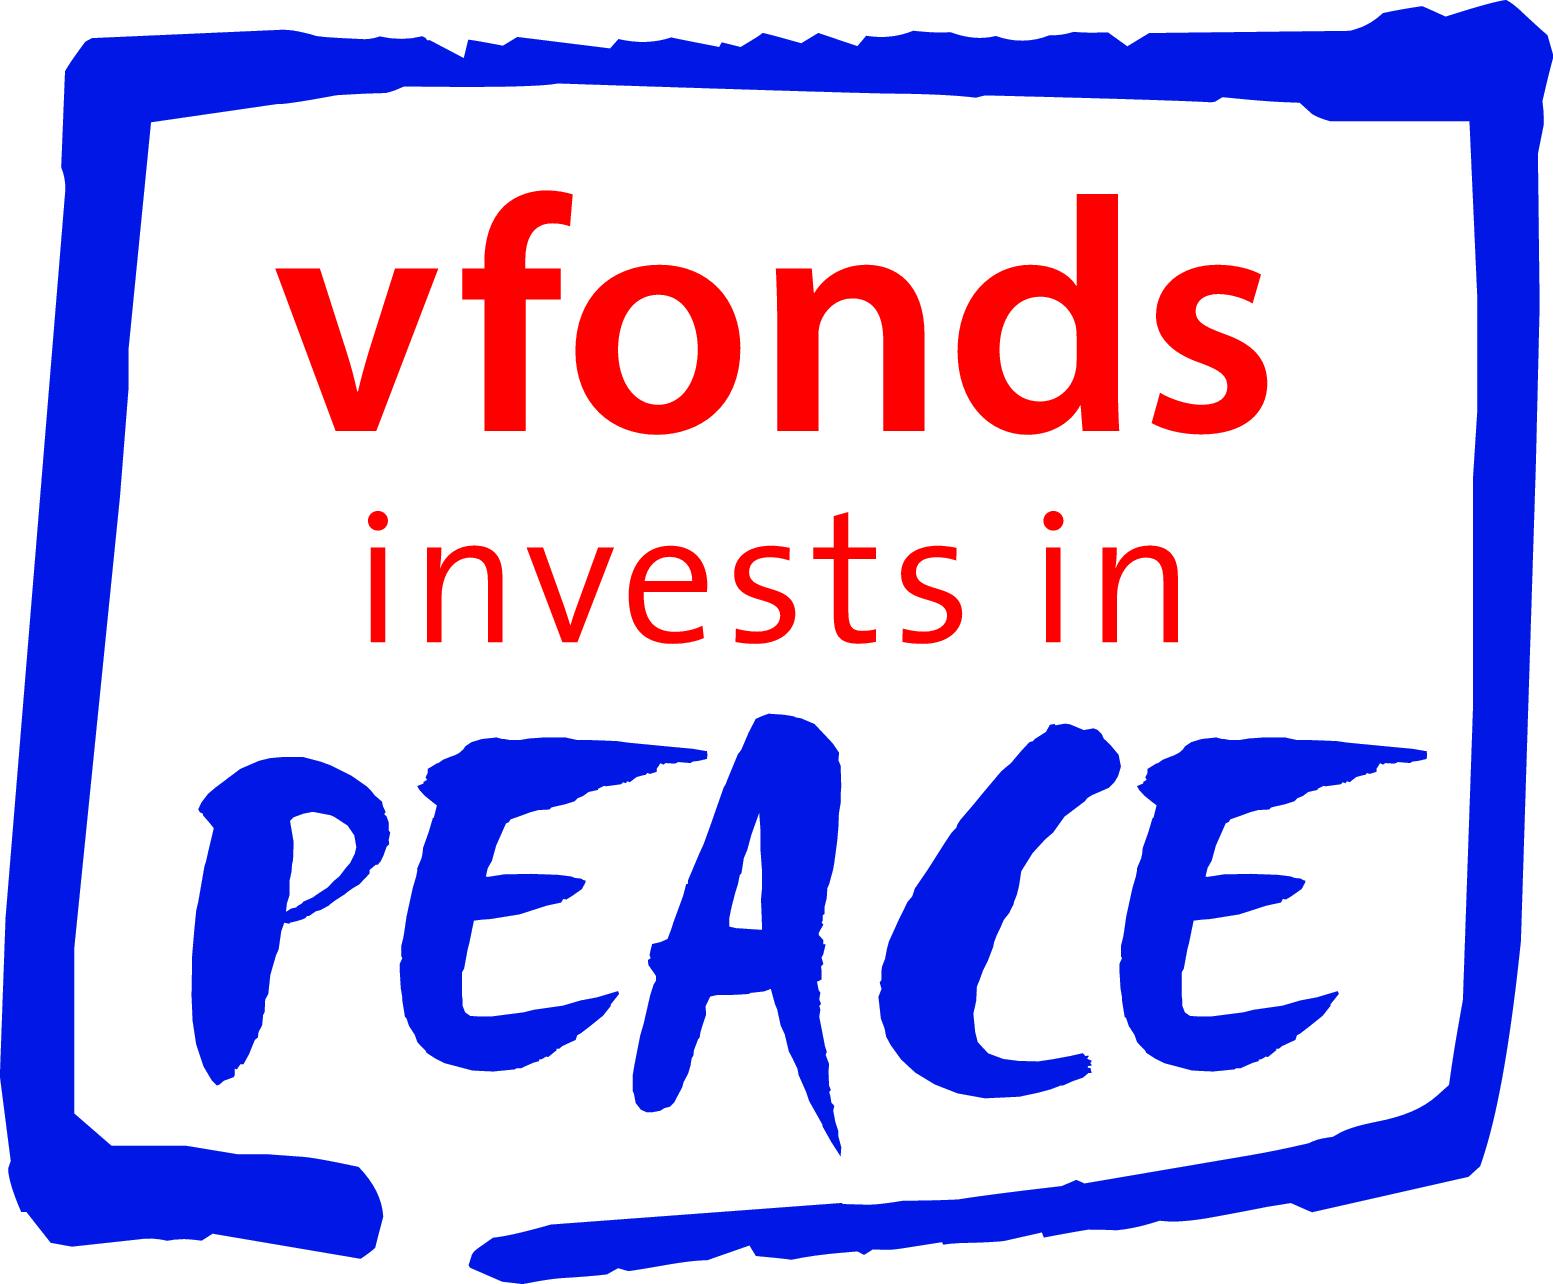 logo-vfonds